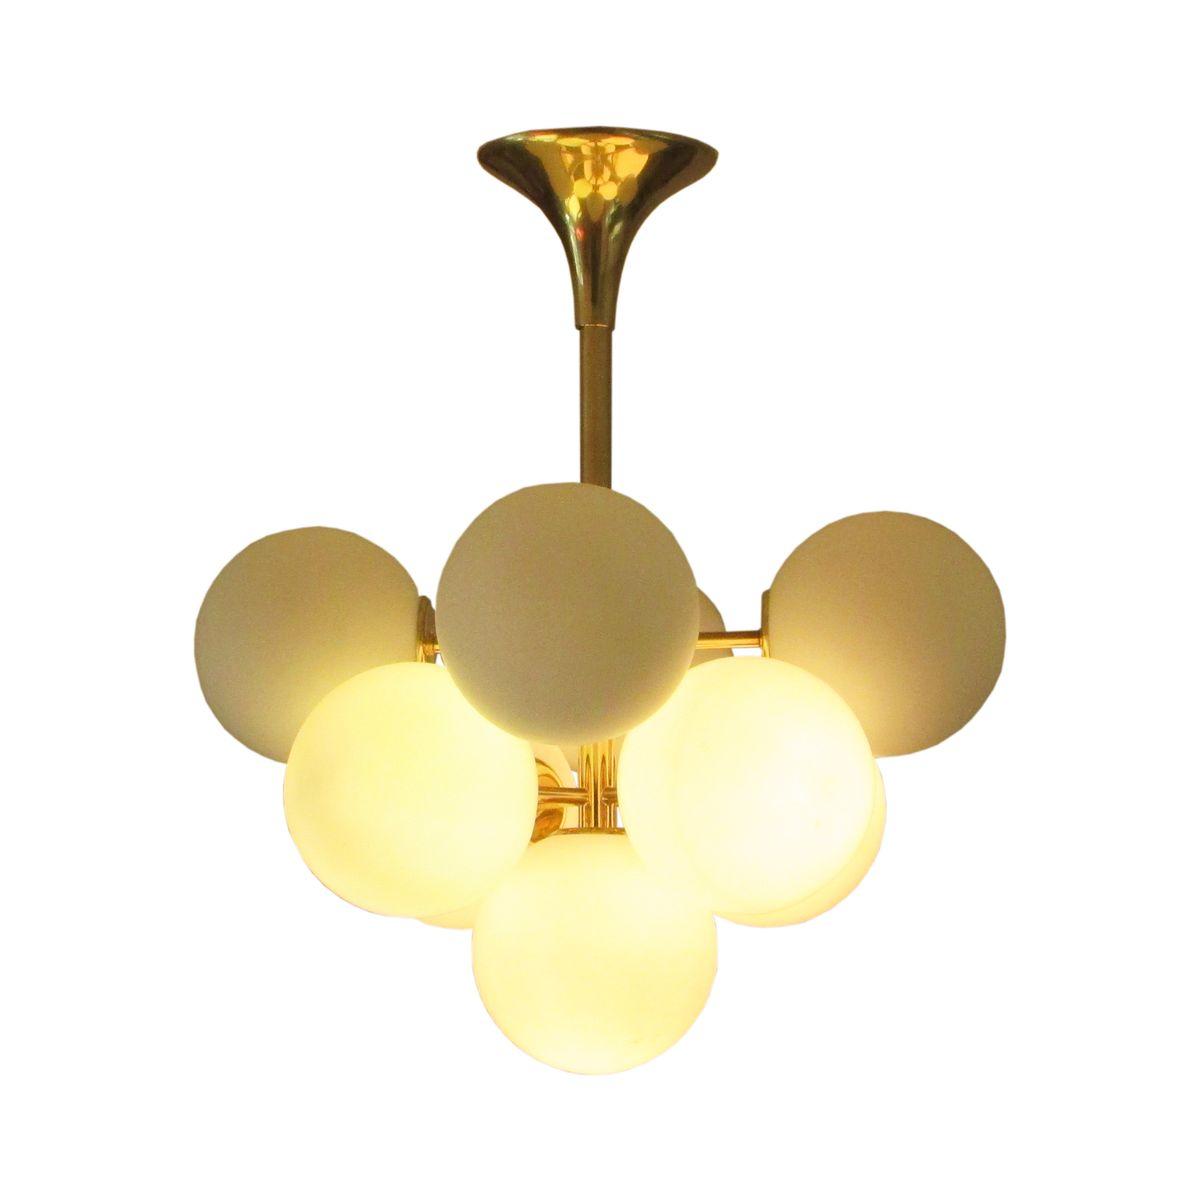 sputnik pendant lamps by max bill for temde 1960s set of. Black Bedroom Furniture Sets. Home Design Ideas